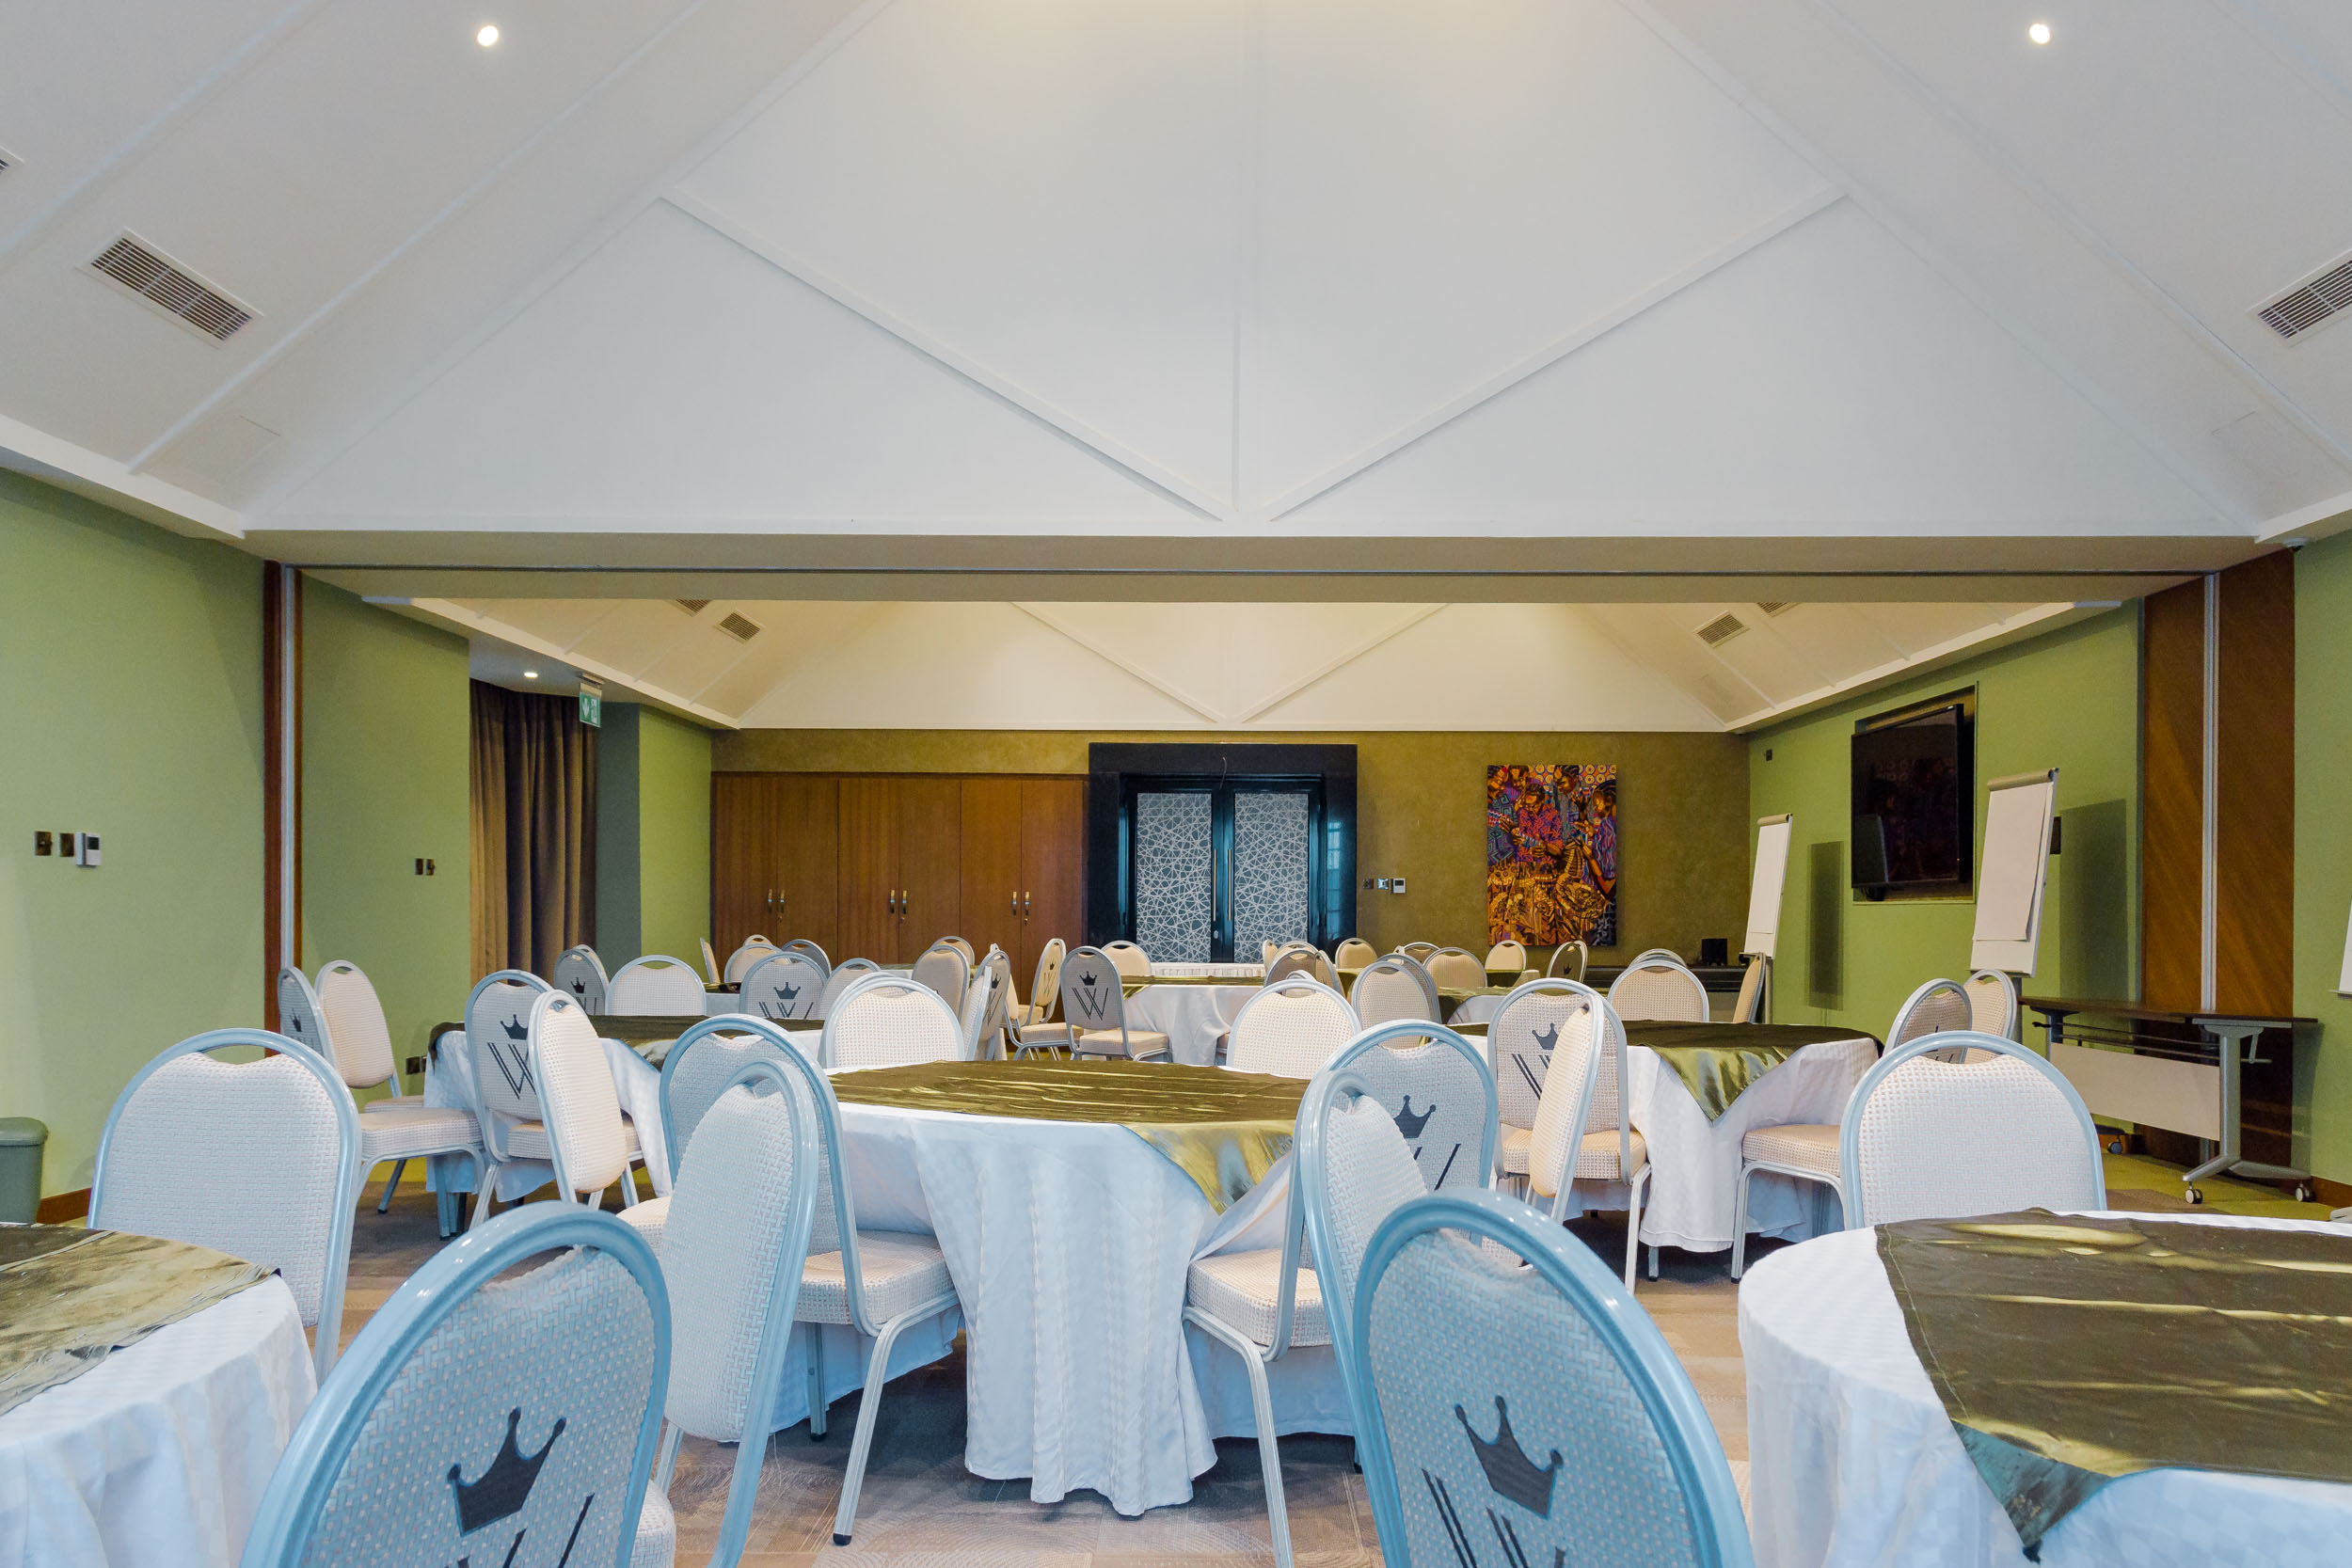 Windsor Hotel Conference Centre